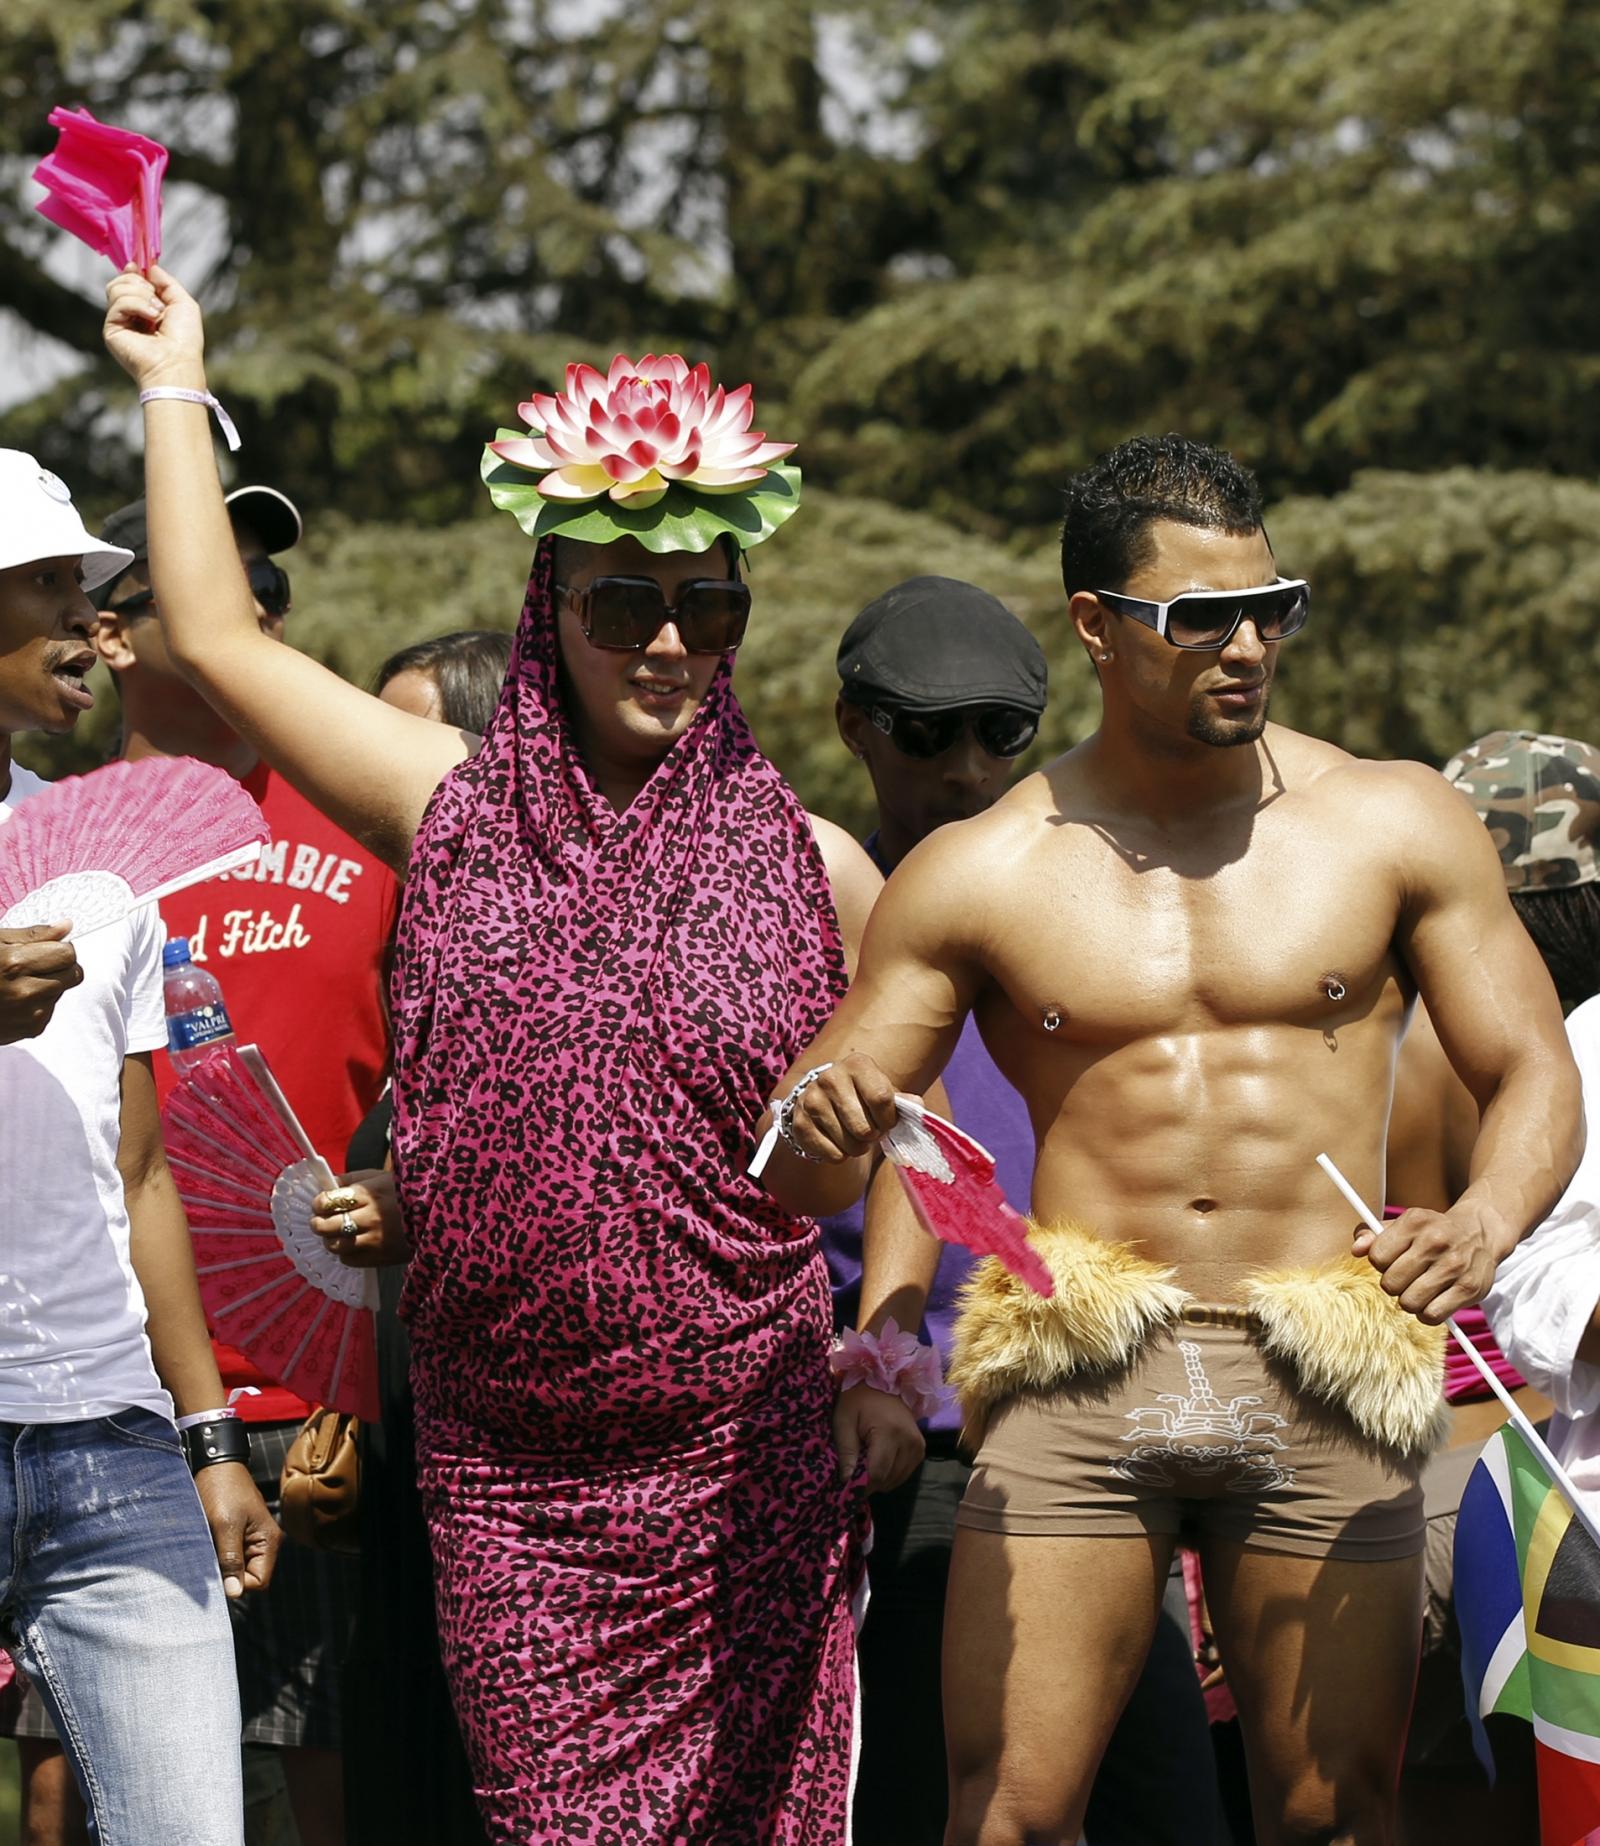 argentinian gay film